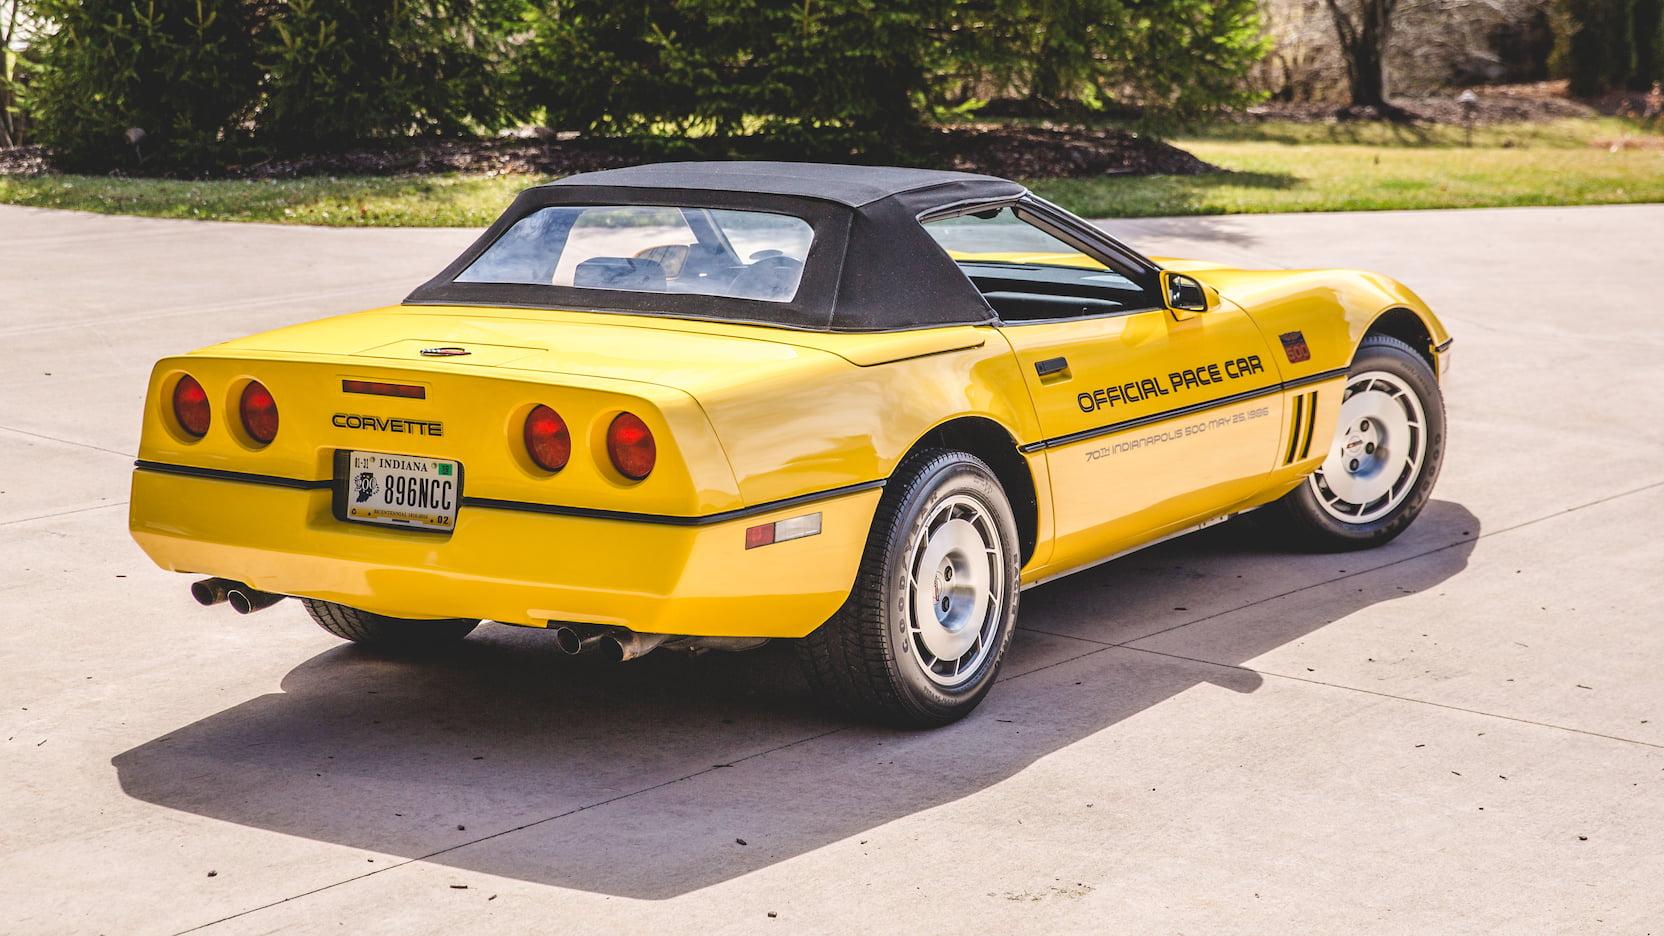 1986 Chevrolet Corvette Pace Car Edition Rear 3/4